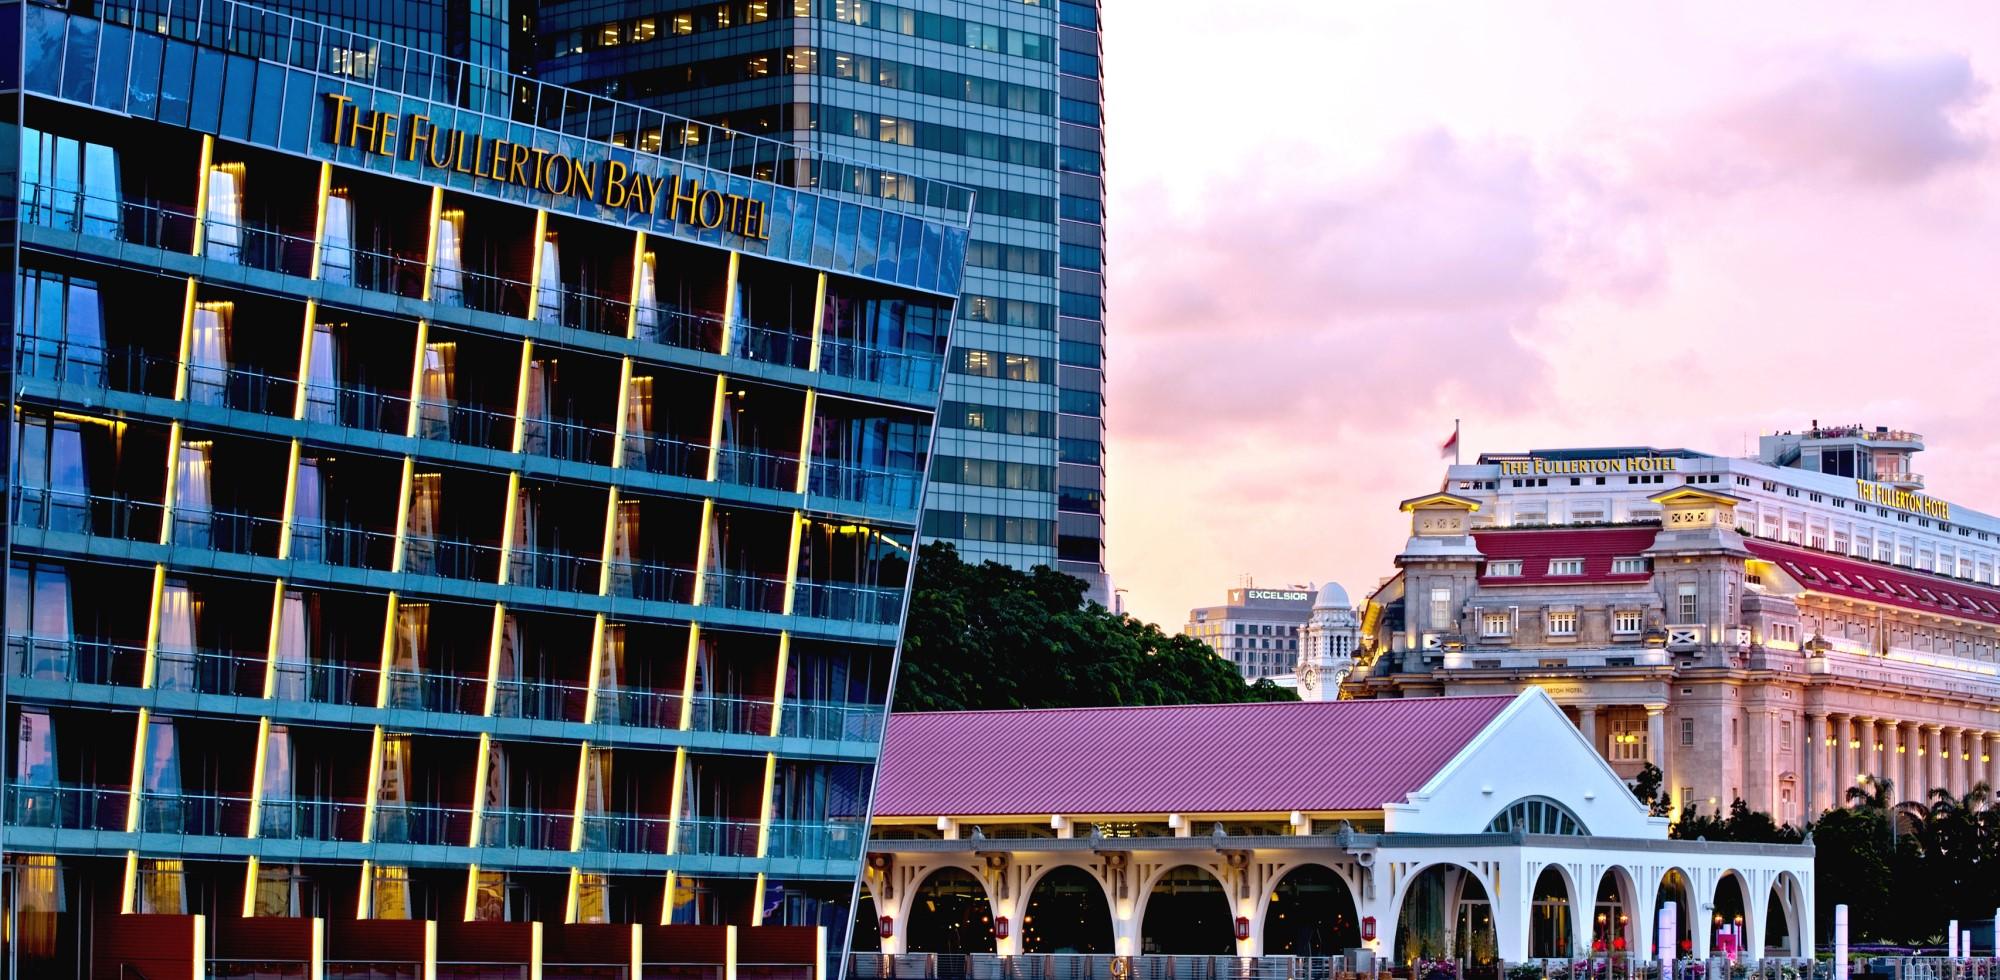 The Fullerton Hotel & The Fullerton Bay Hotel Singapore SGD200 Value E-Voucher